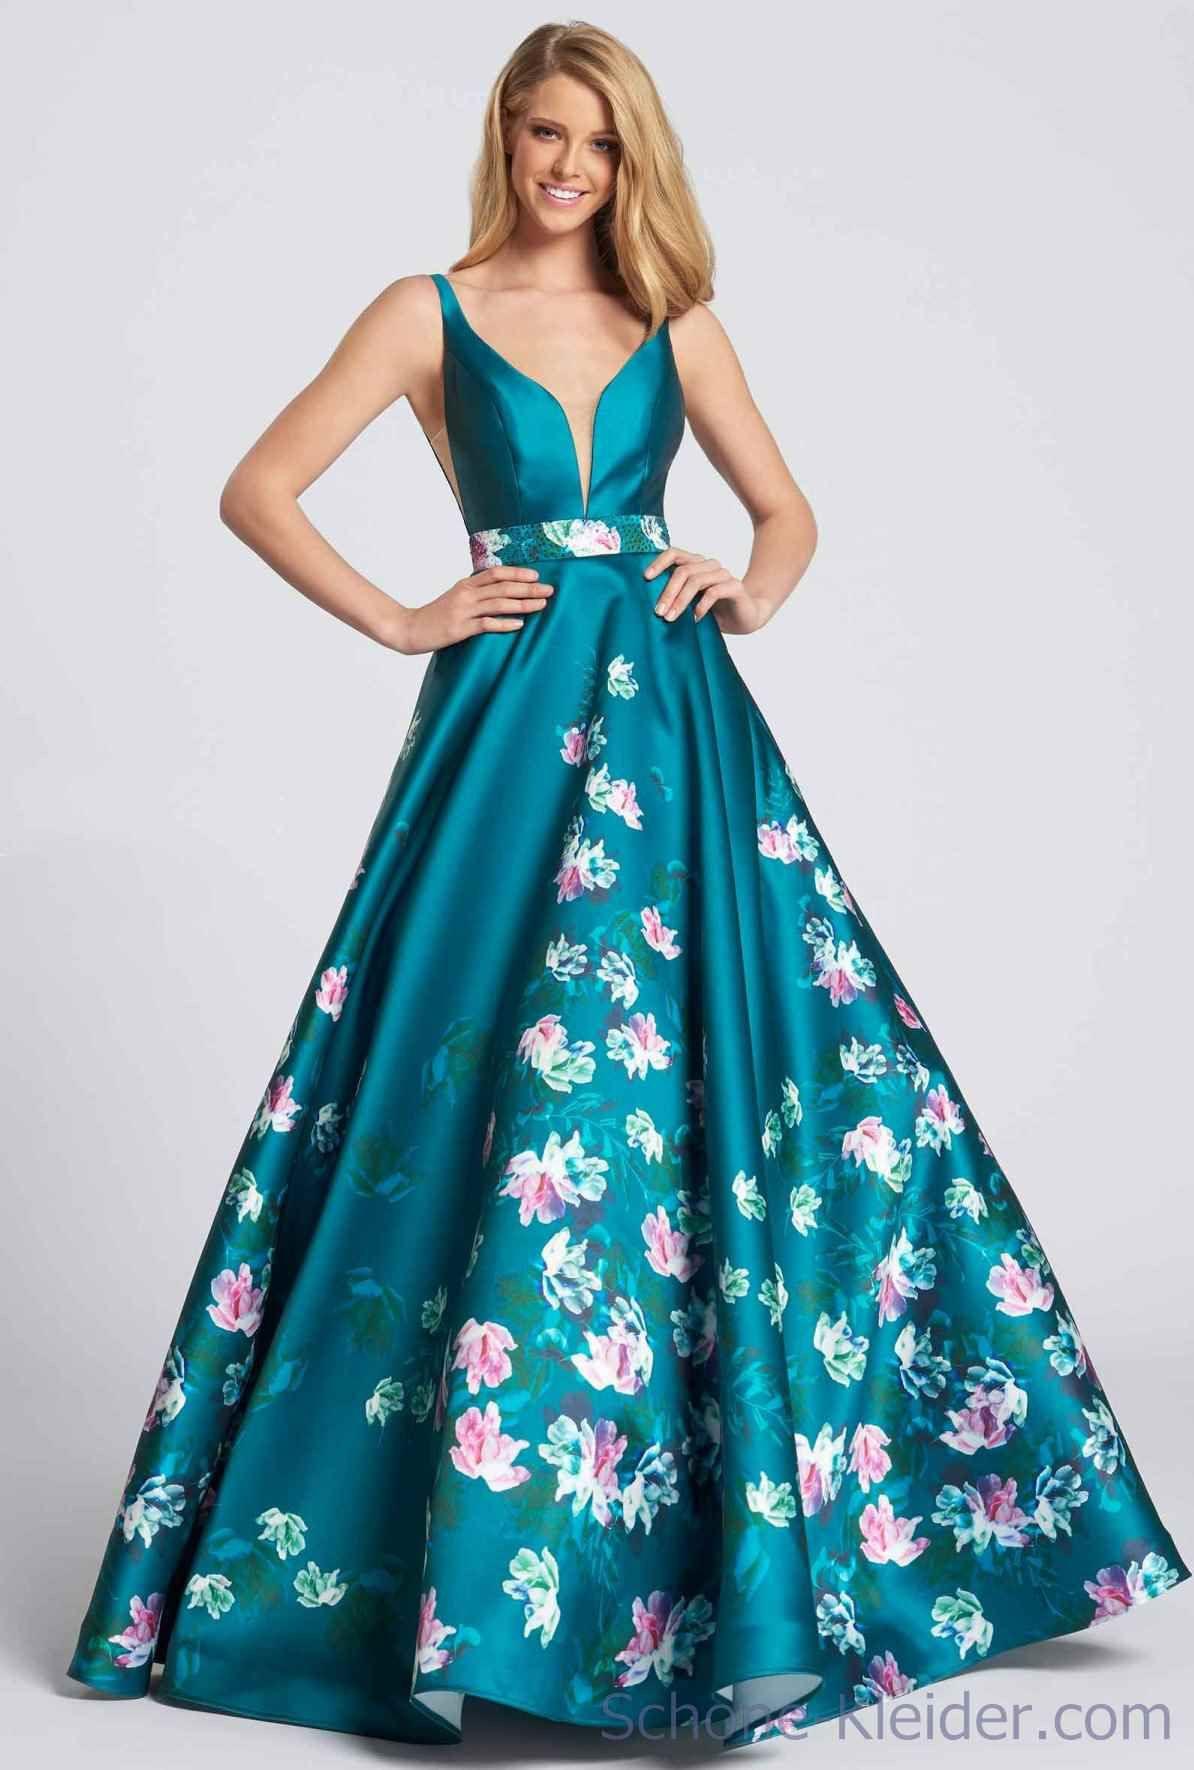 15 Einfach Abend Kleider.Com Stylish13 Luxurius Abend Kleider.Com Boutique